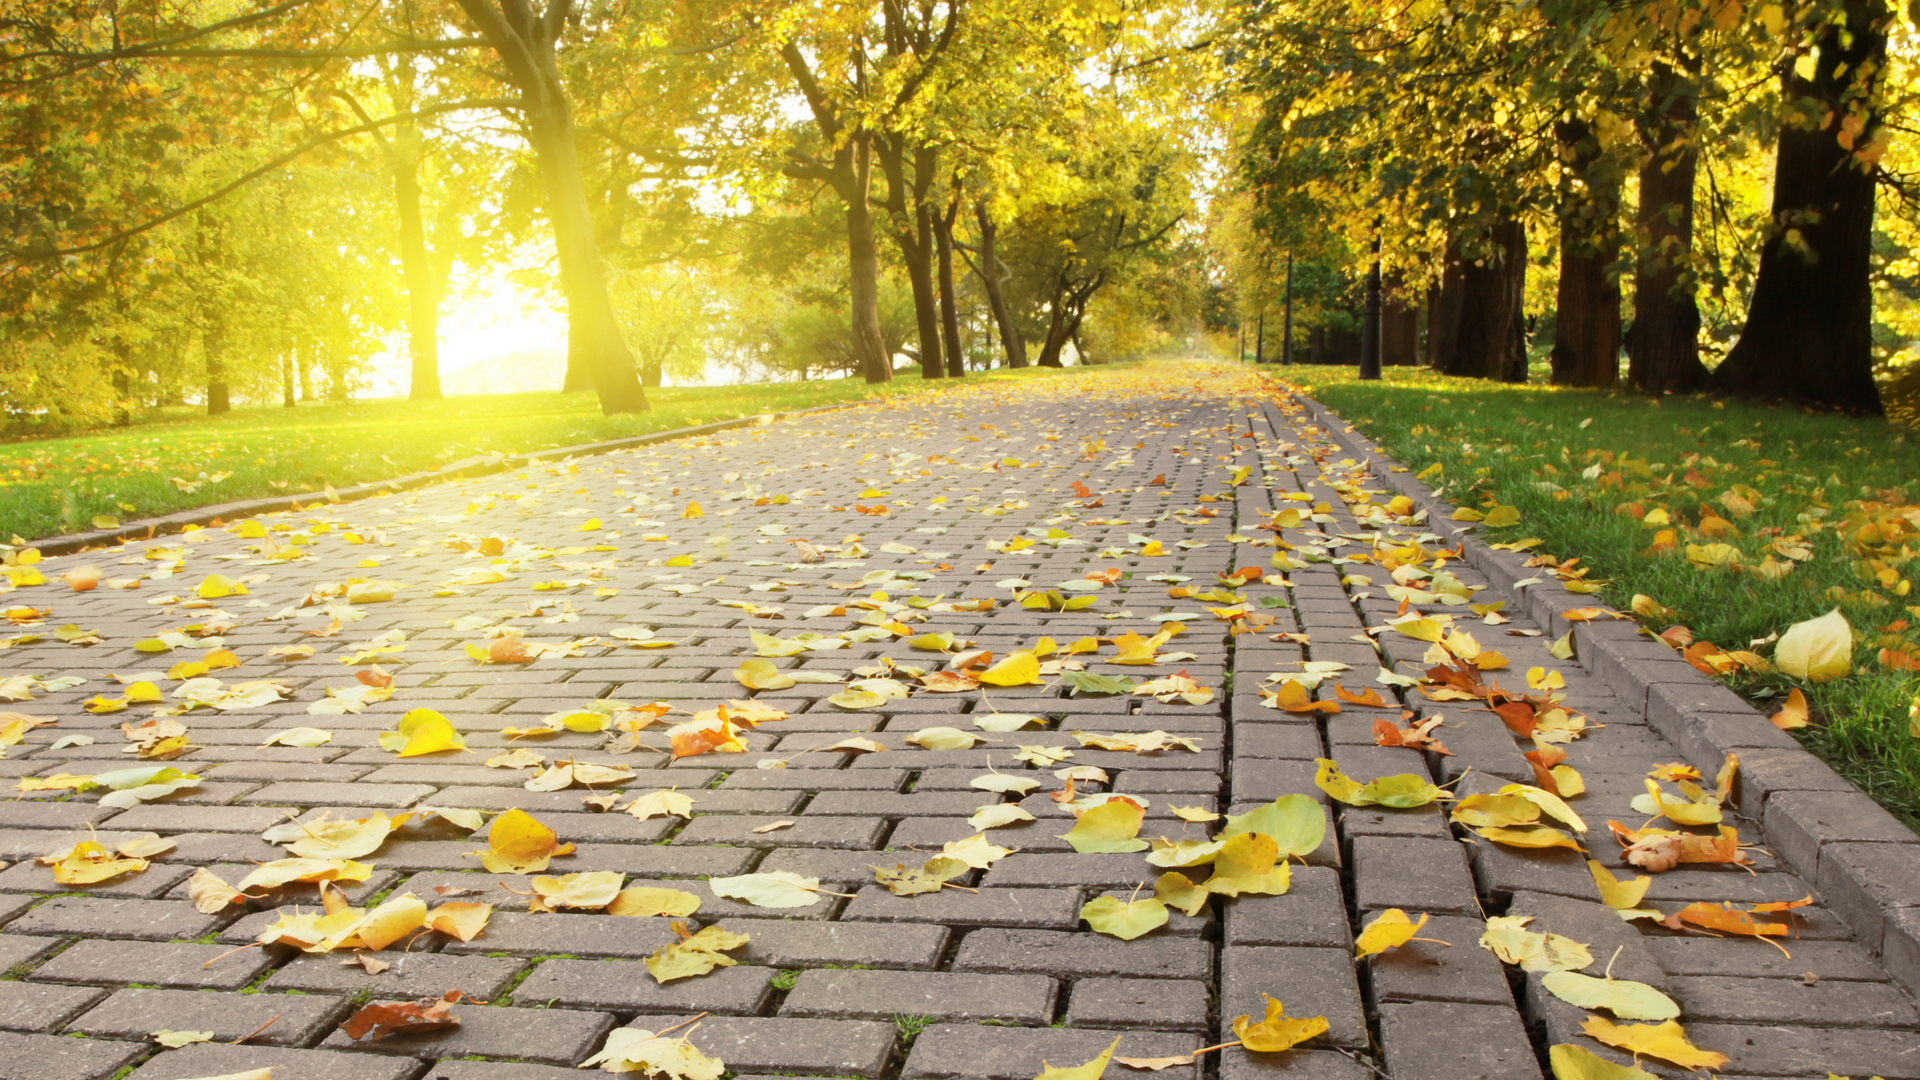 солнечная осень картинка